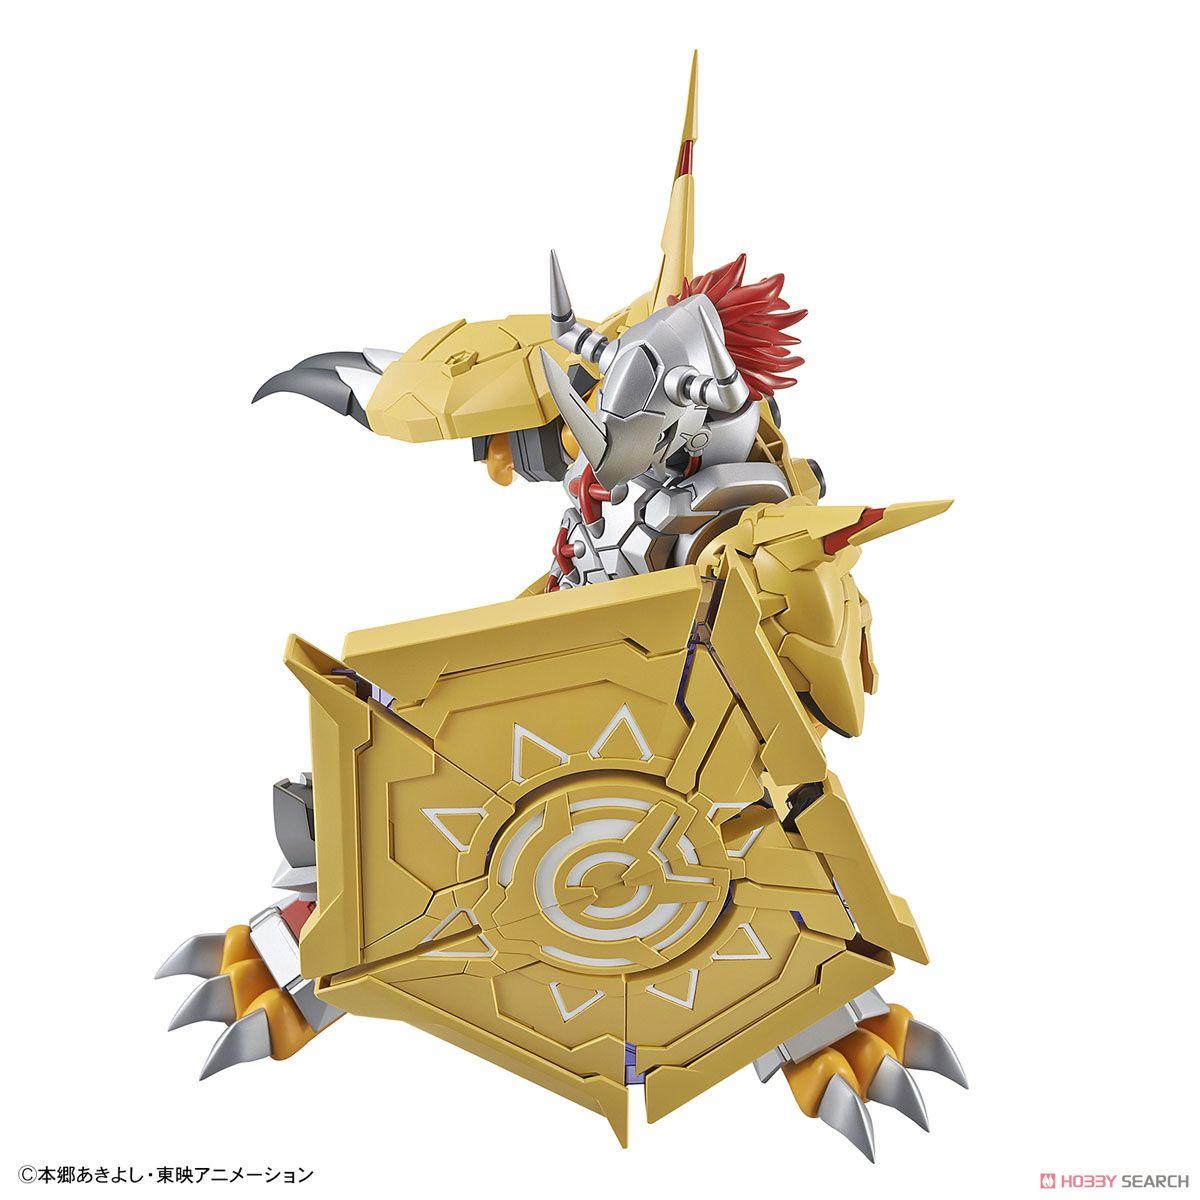 【再販】Figure-rise Standard『メタルガルルモン(AMPLIFIED)』デジモンアドベンチャー プラモデル-003